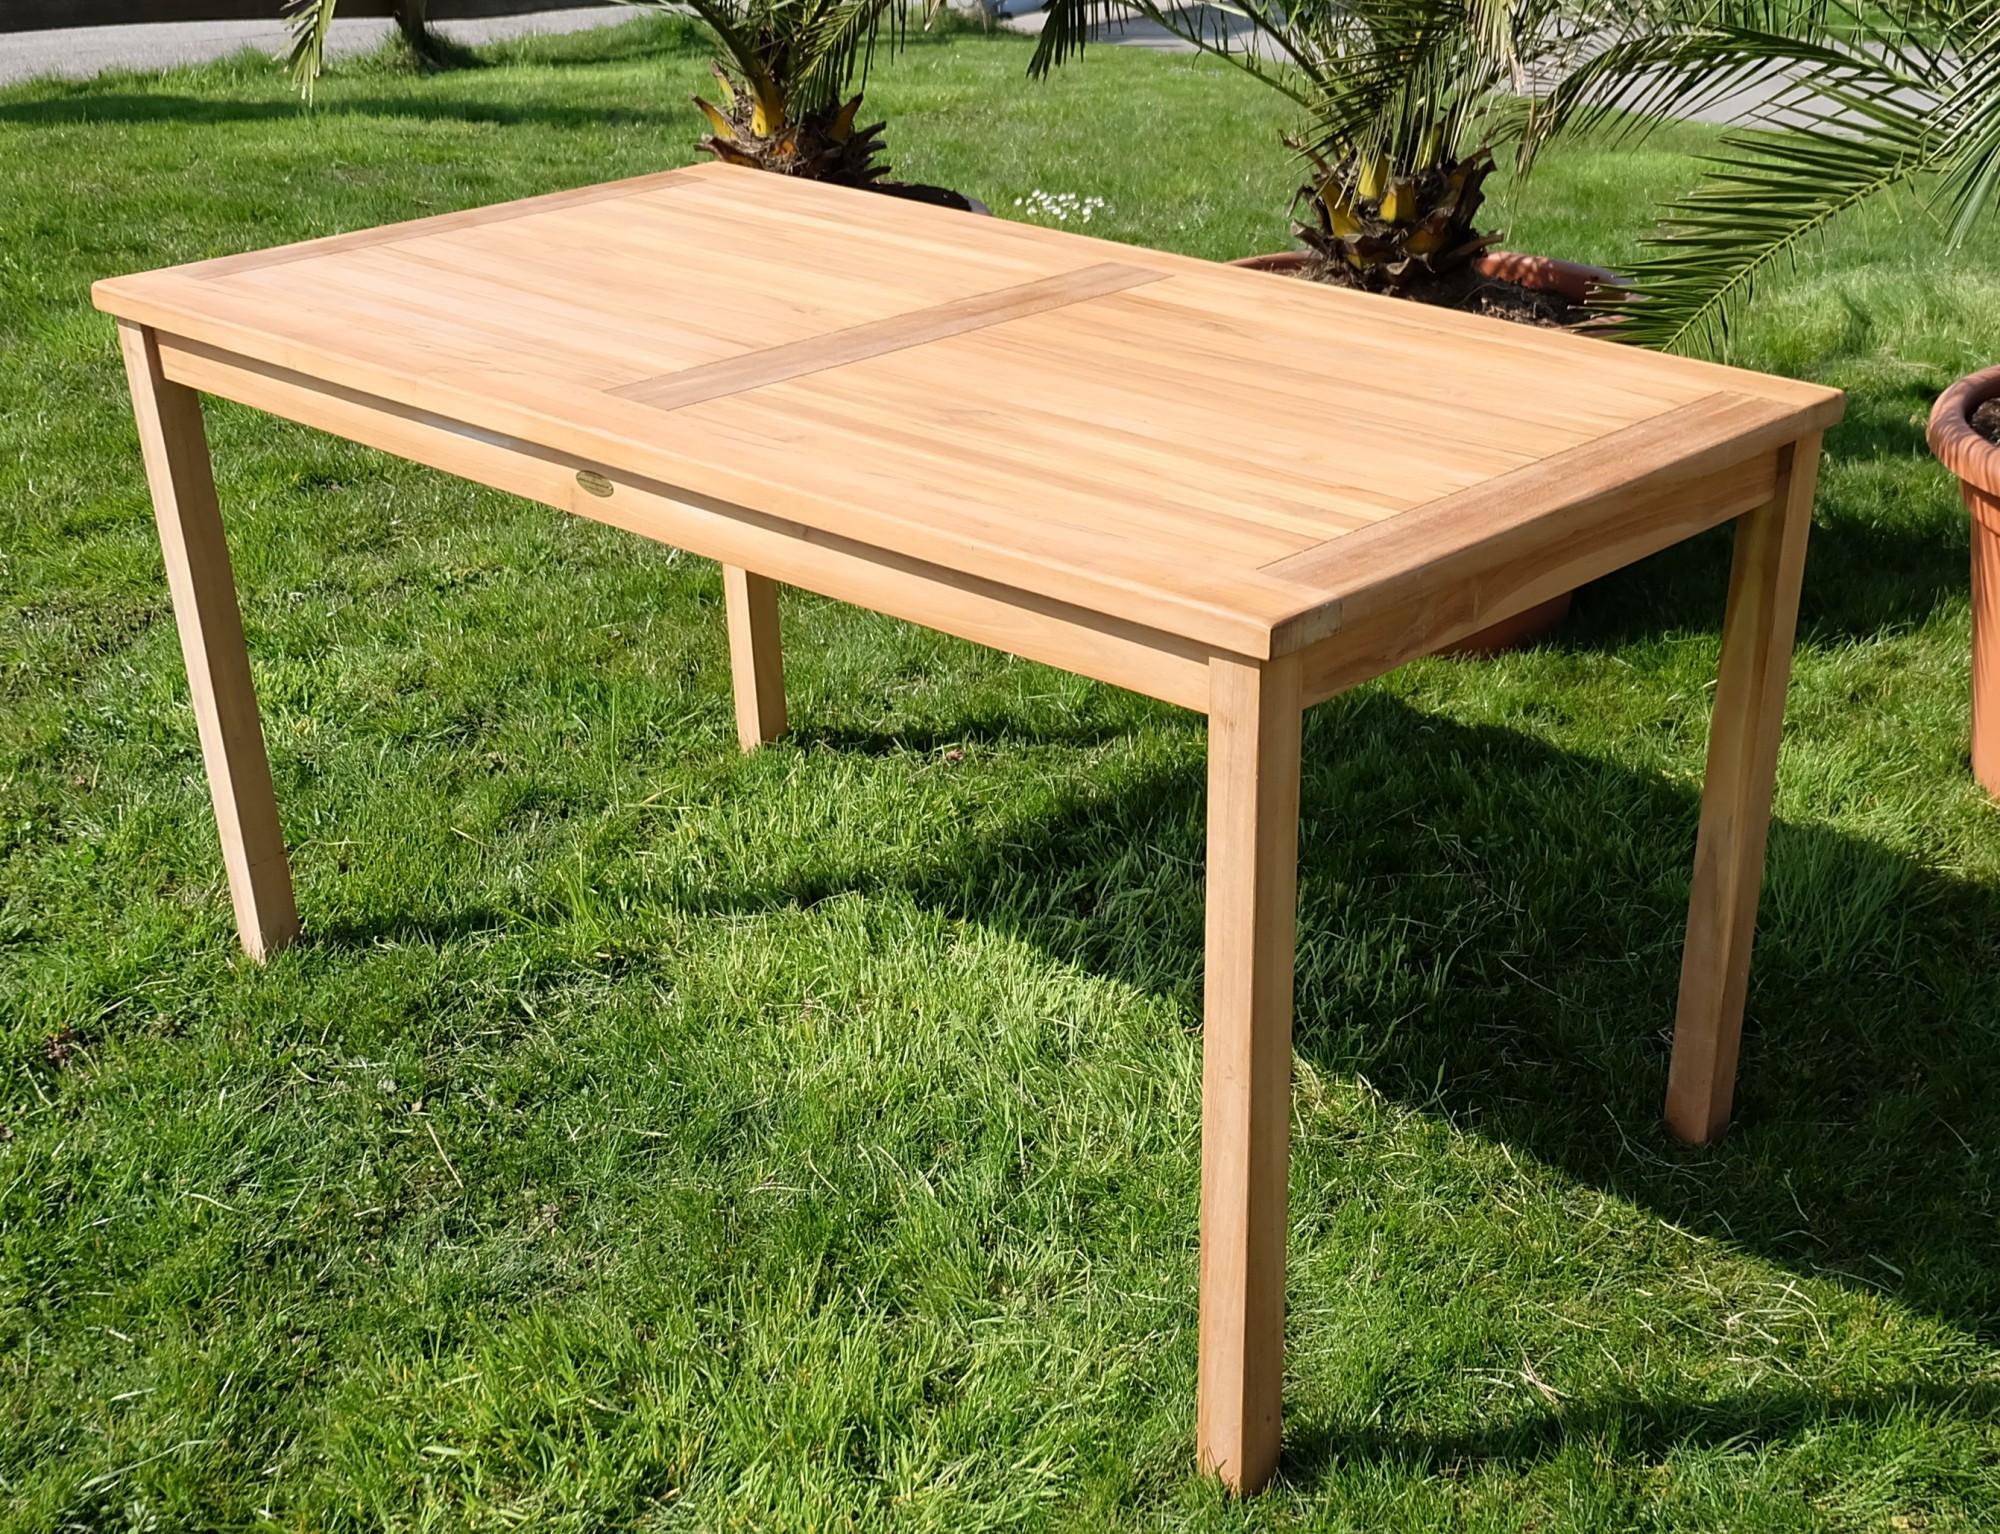 Gartentisch Holz Kaufen Runder Stabiler Holz Gartentisch Braun